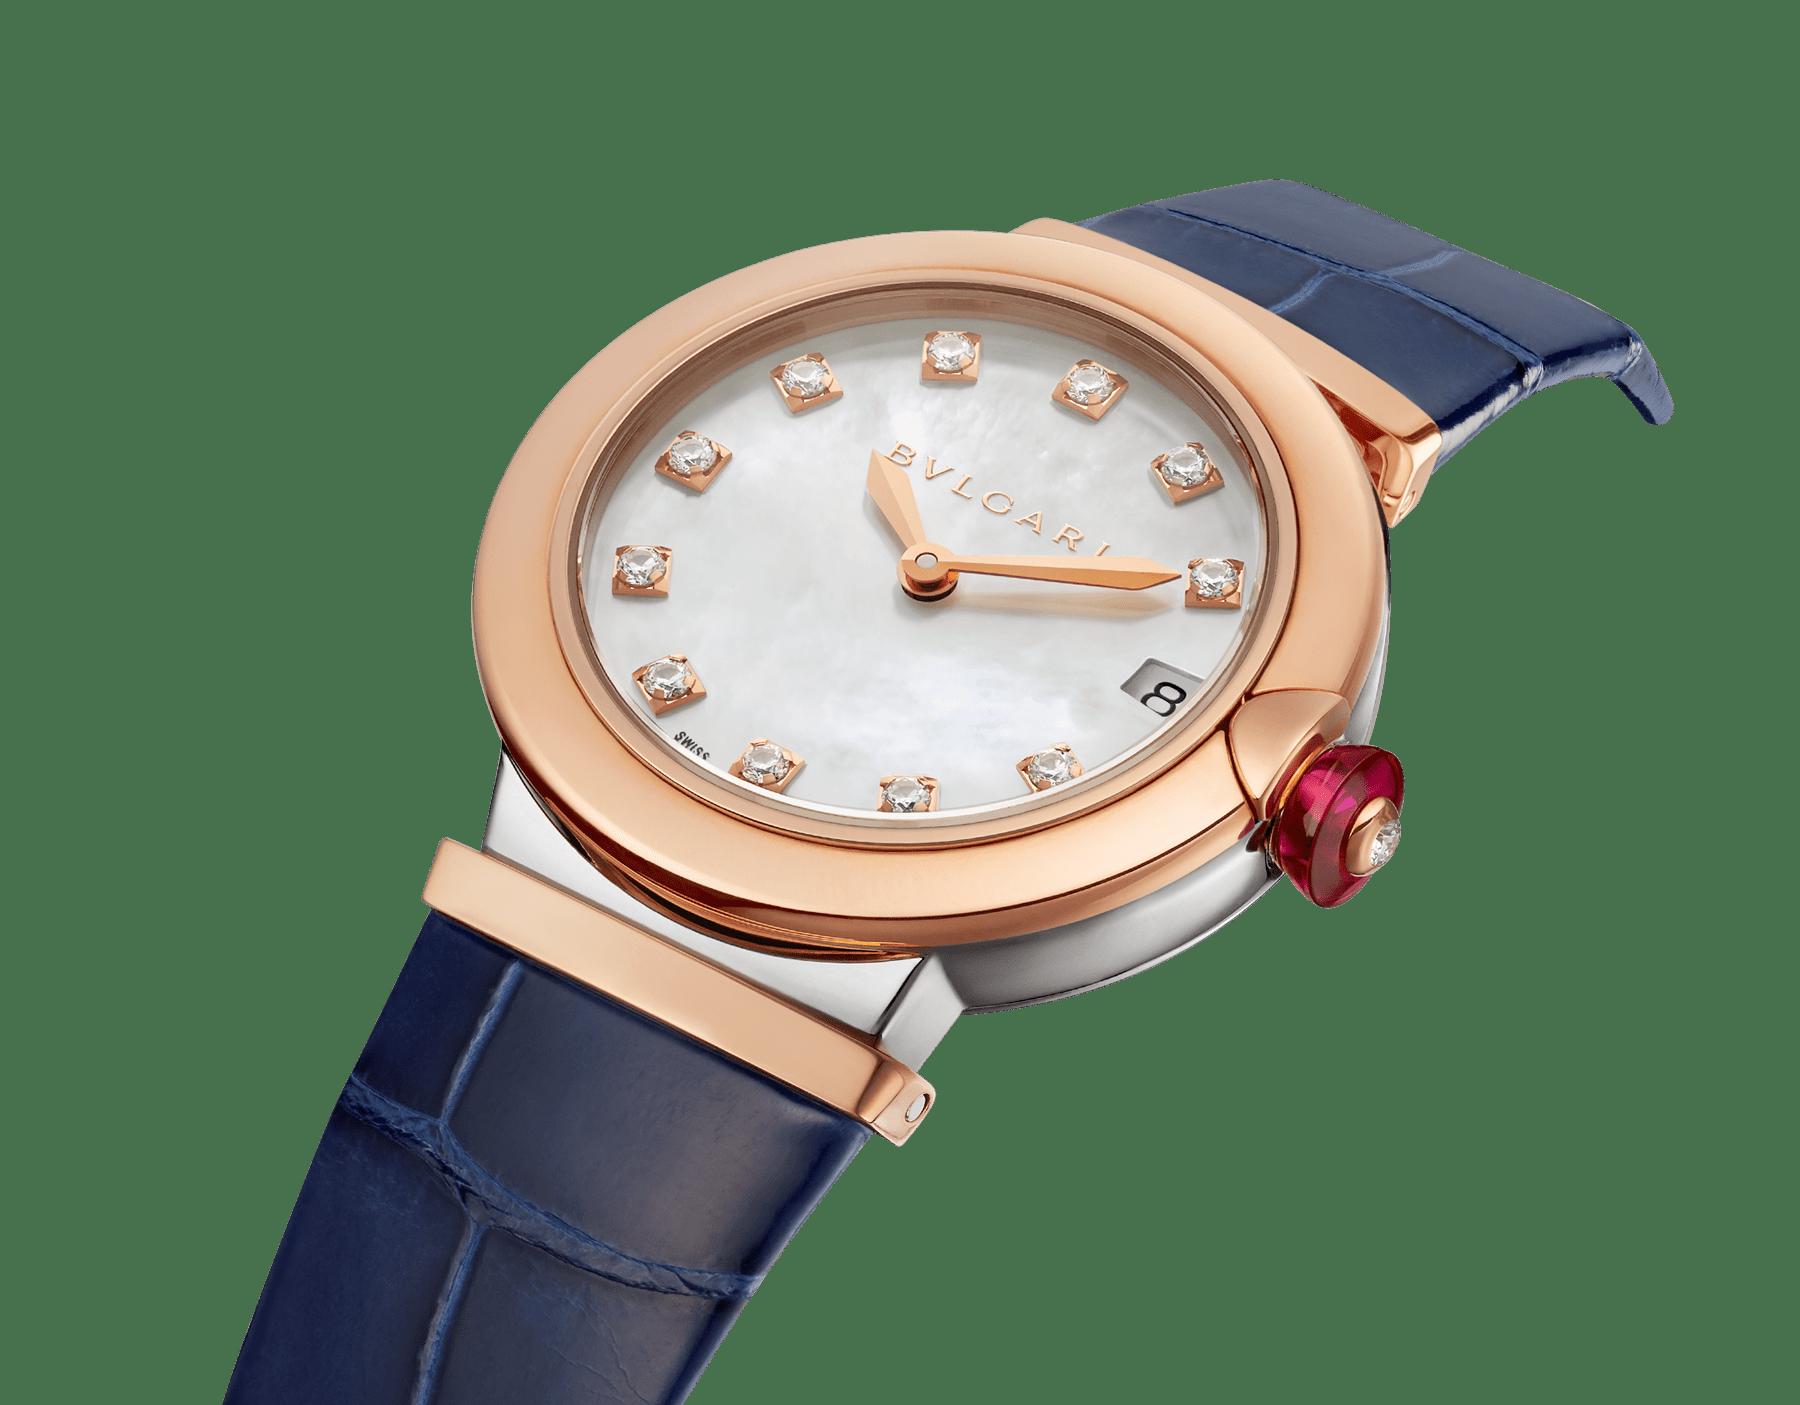 LVCEA 腕錶,18K 玫瑰金和精鋼錶殼,白色珍珠母貝錶盤,鑲飾鑽石時標,日期窗格,藍色鱷魚皮錶帶。 102638 image 2